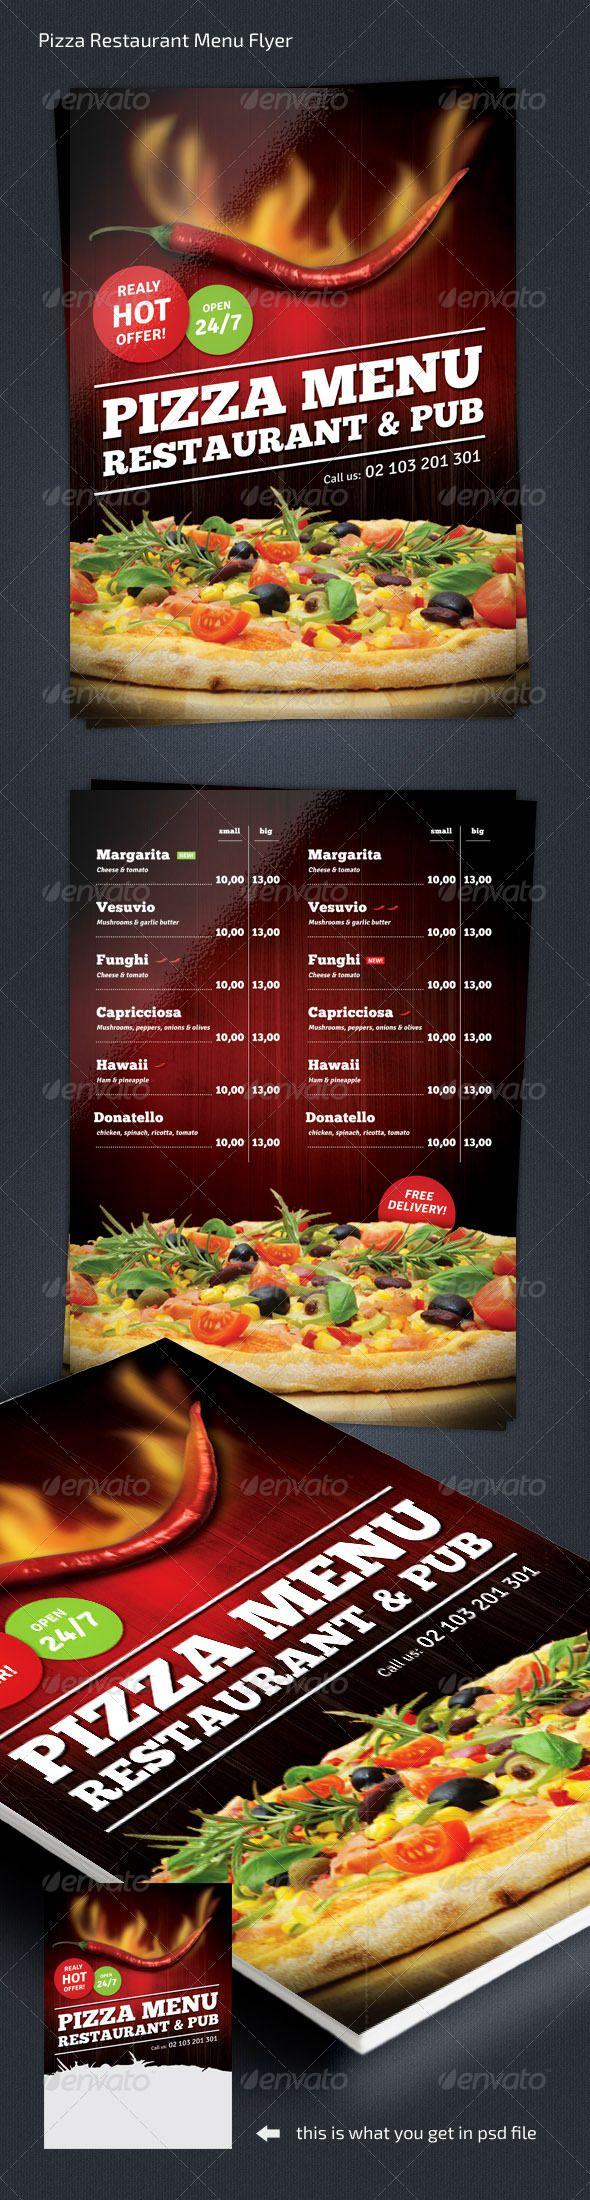 Pizza Restaurant Menu Flyer A  Pizza Restaurant Menu And Pizzas